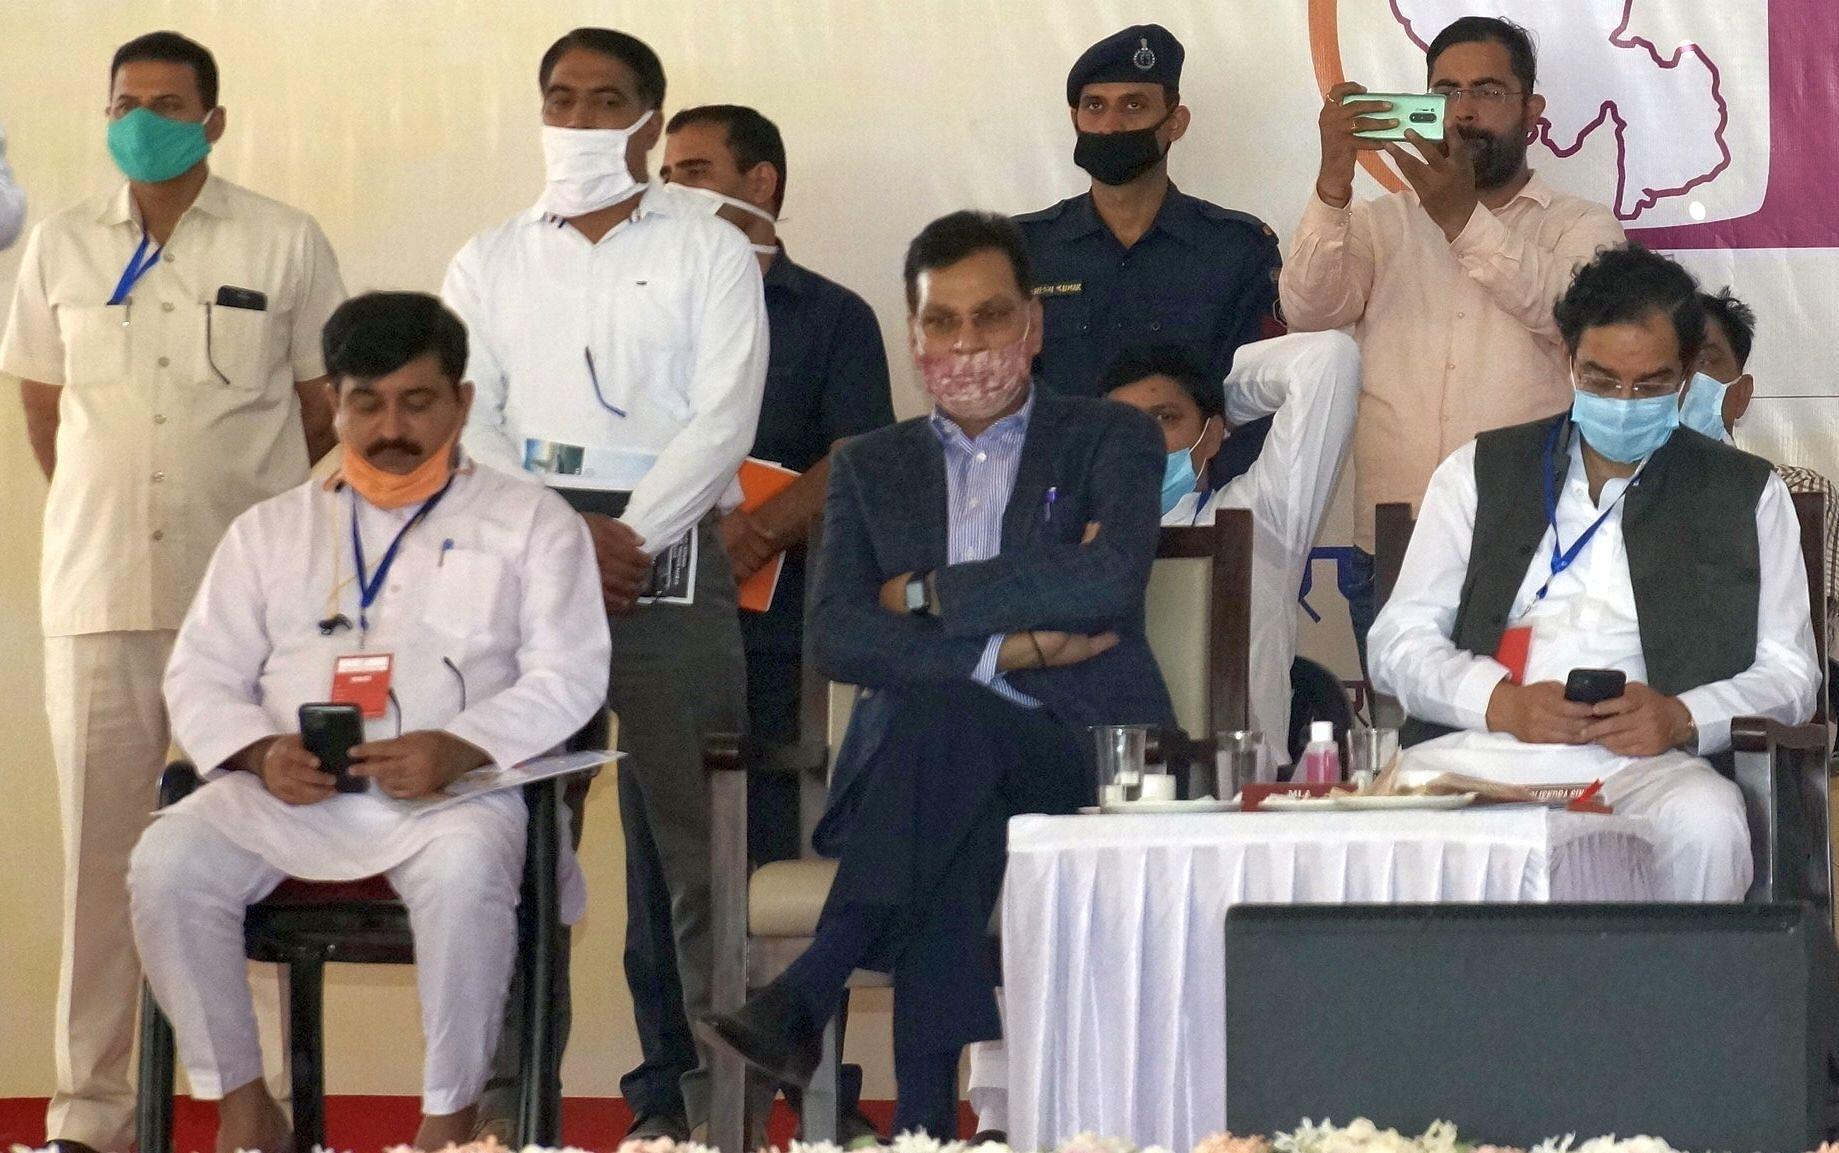 उपमुख्यमंत्री के भाषण के दौरान फोन में मशगूल सांसद बृजेंद्र सिंह व भाजपा जिलाध्यक्ष कैप्टन भूपे